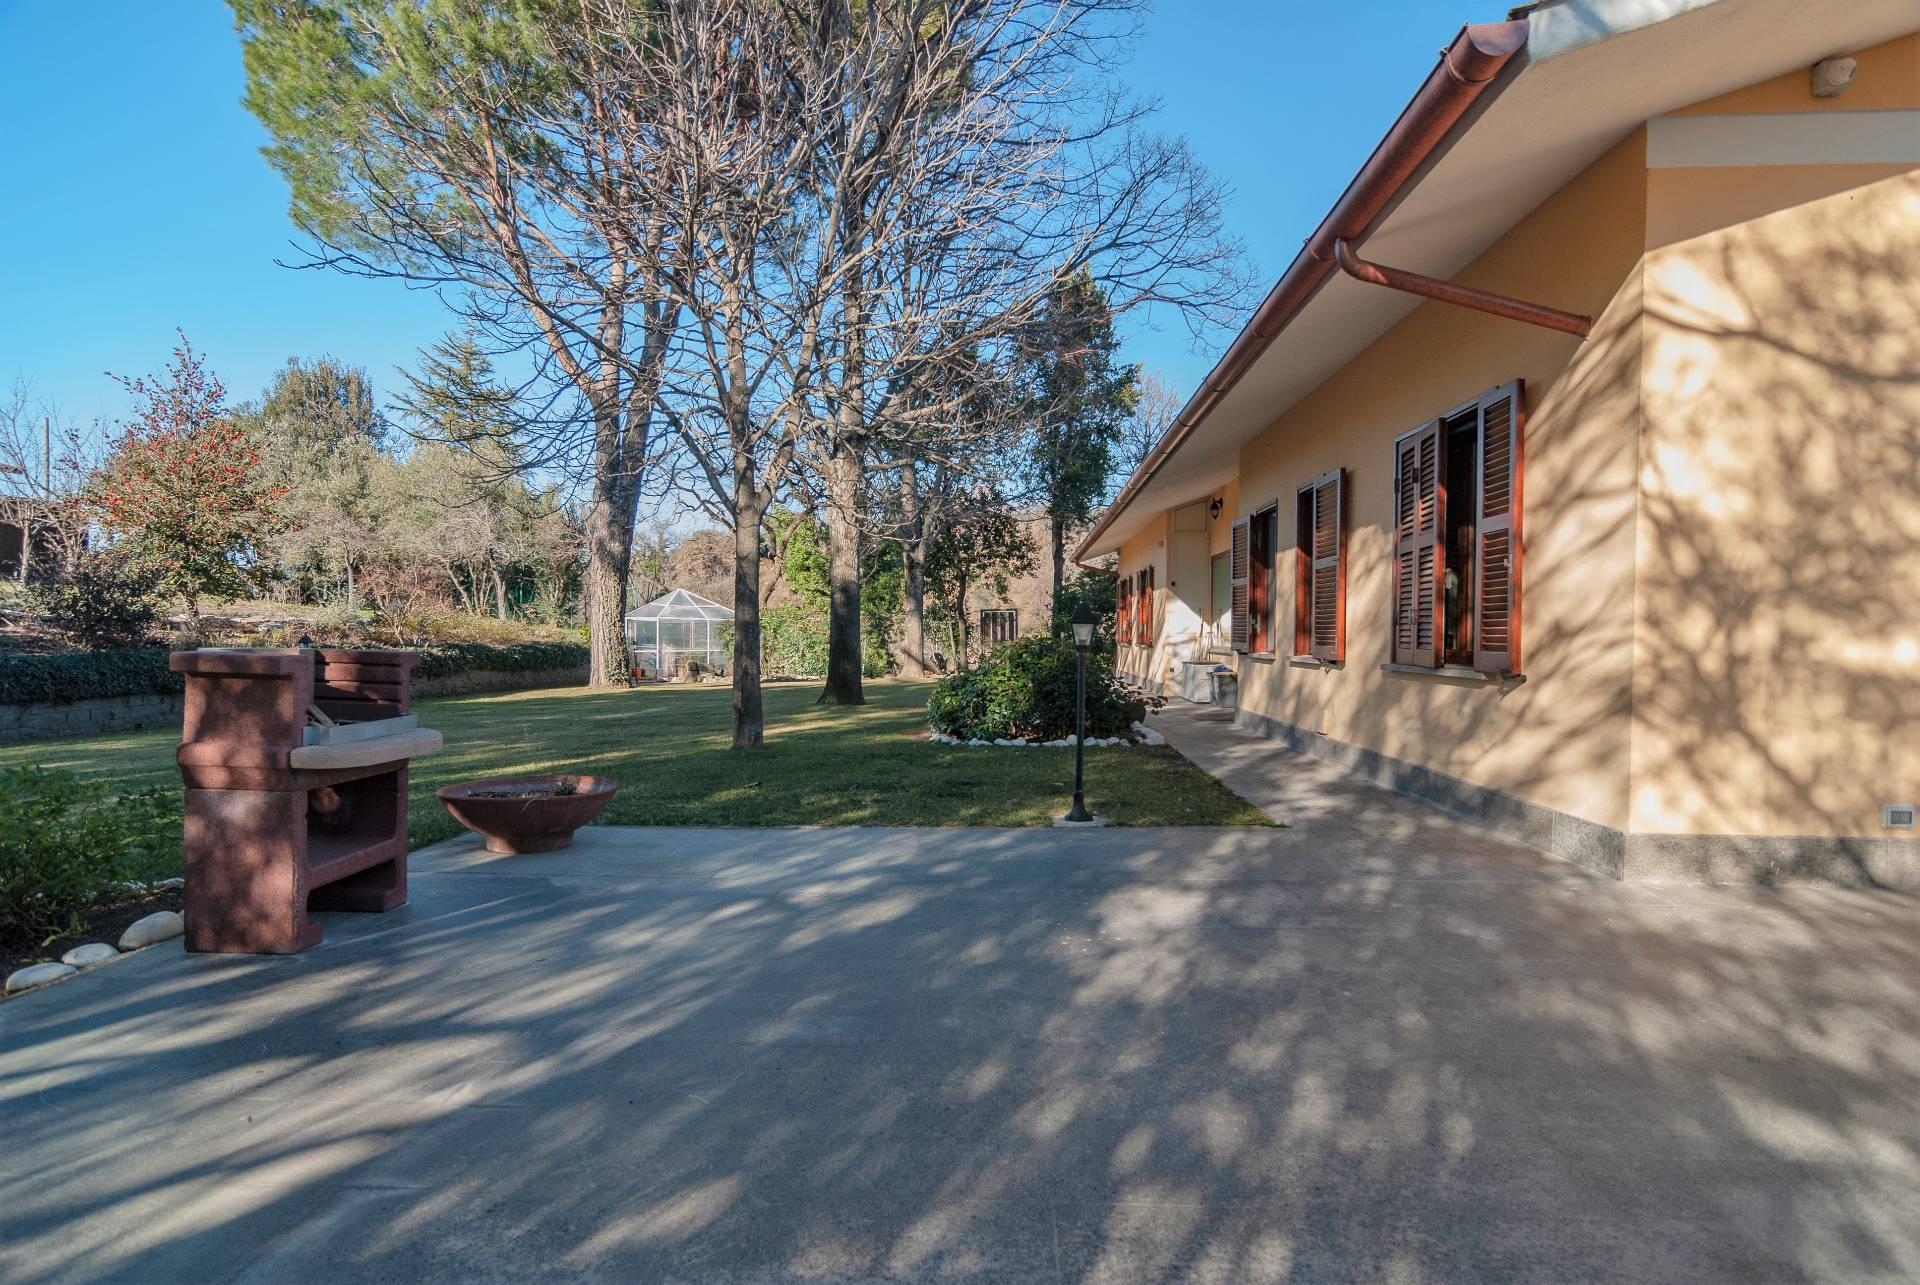 Villa in vendita a Viterbo, 8 locali, zona Zona: Periferia, prezzo € 525.000 | CambioCasa.it